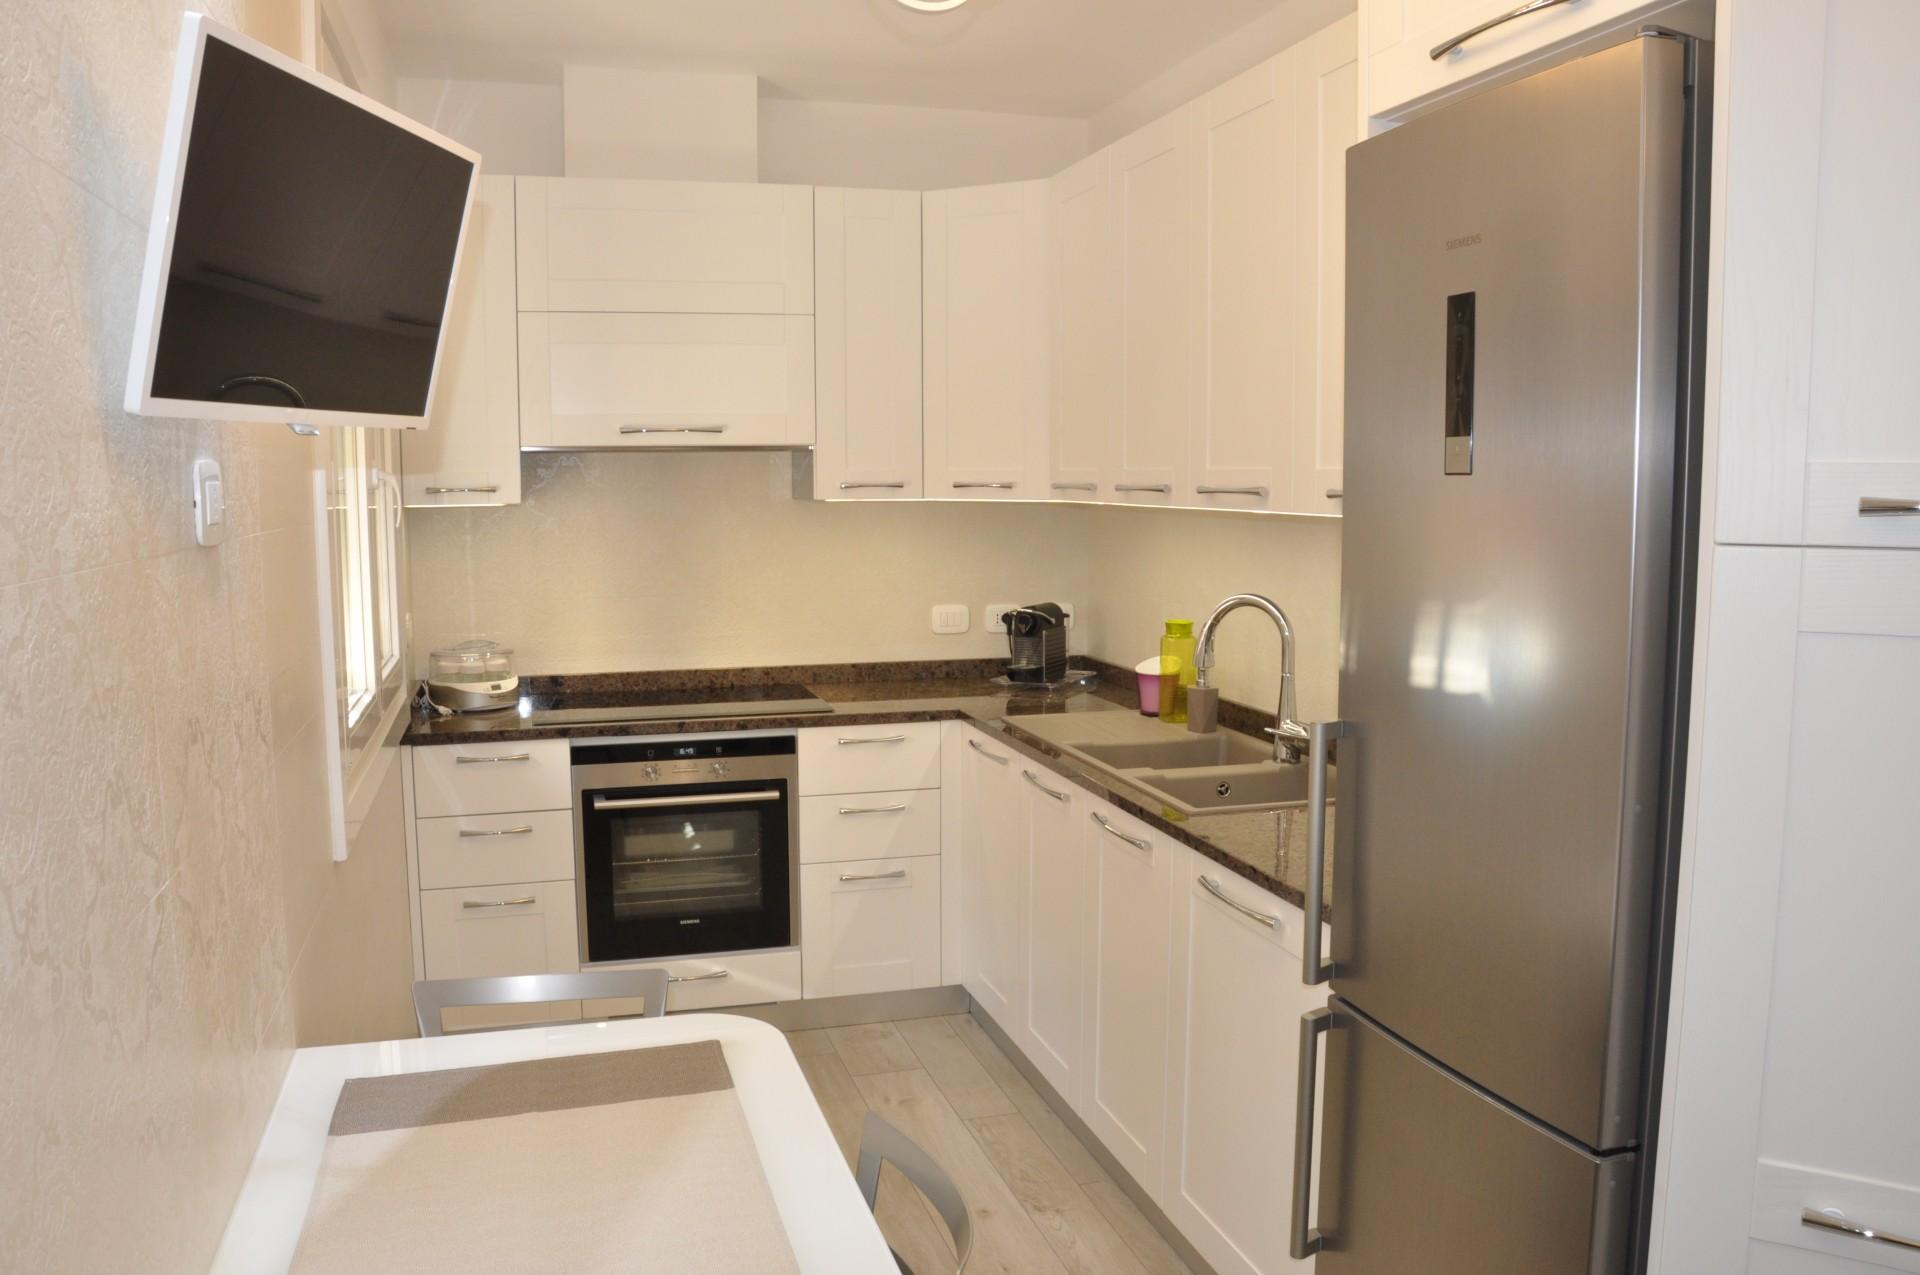 Cucina costruita in legno di rovere su misura fadini mobili cerea verona - Cucina su misura mondo convenienza ...